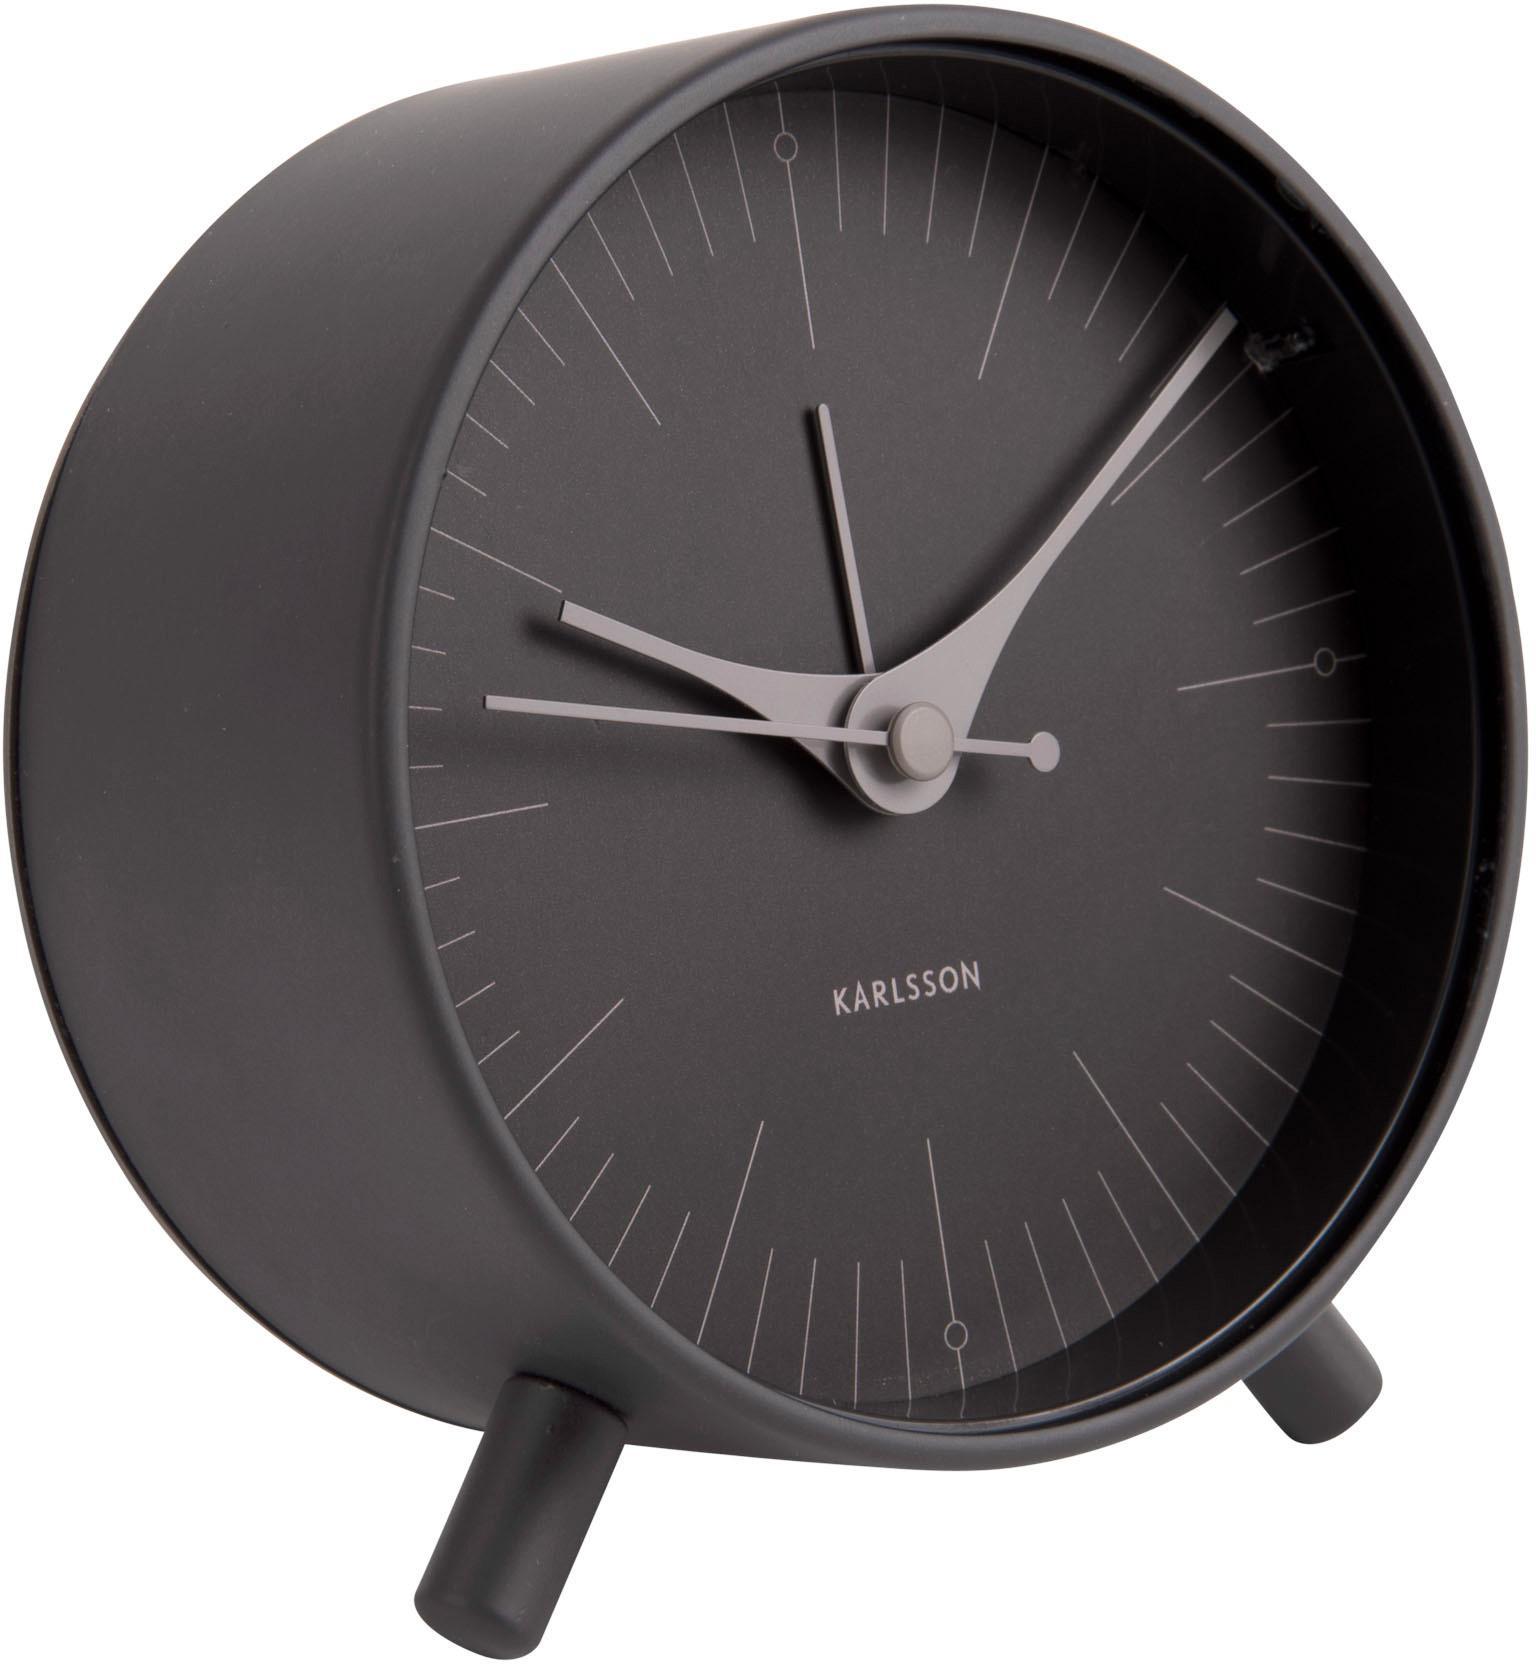 Wekker Index, Gecoat metaal, Zwart, grijs, Ø 11 cm